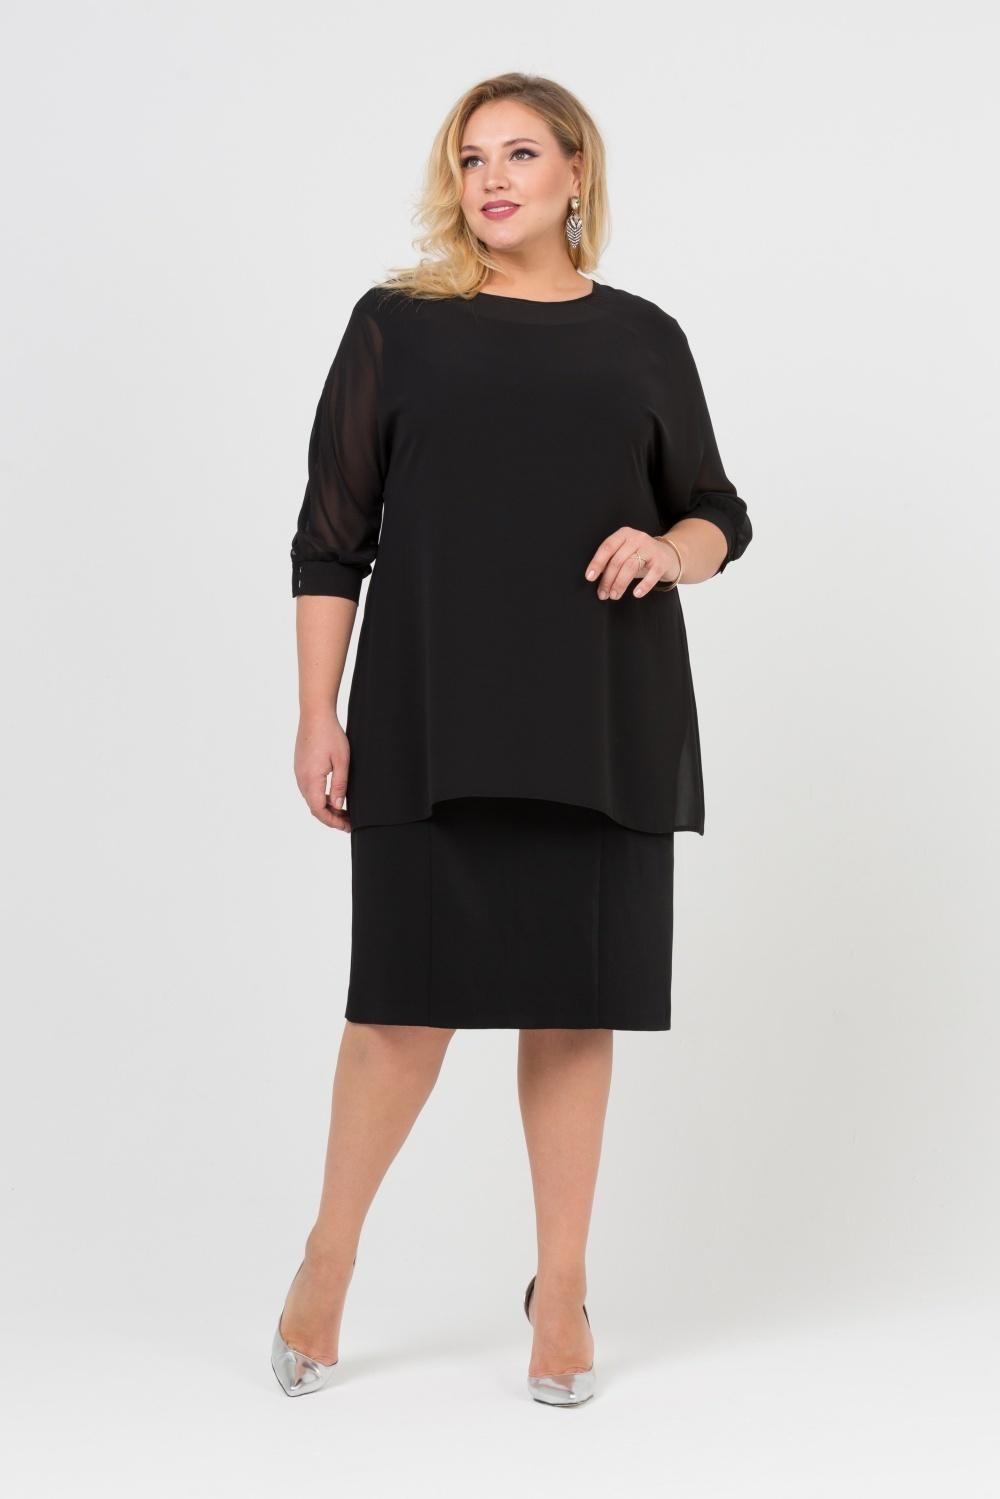 Платья Платье Даяна черный 88bfe4816c33258ca3566e5e9c196026.jpg